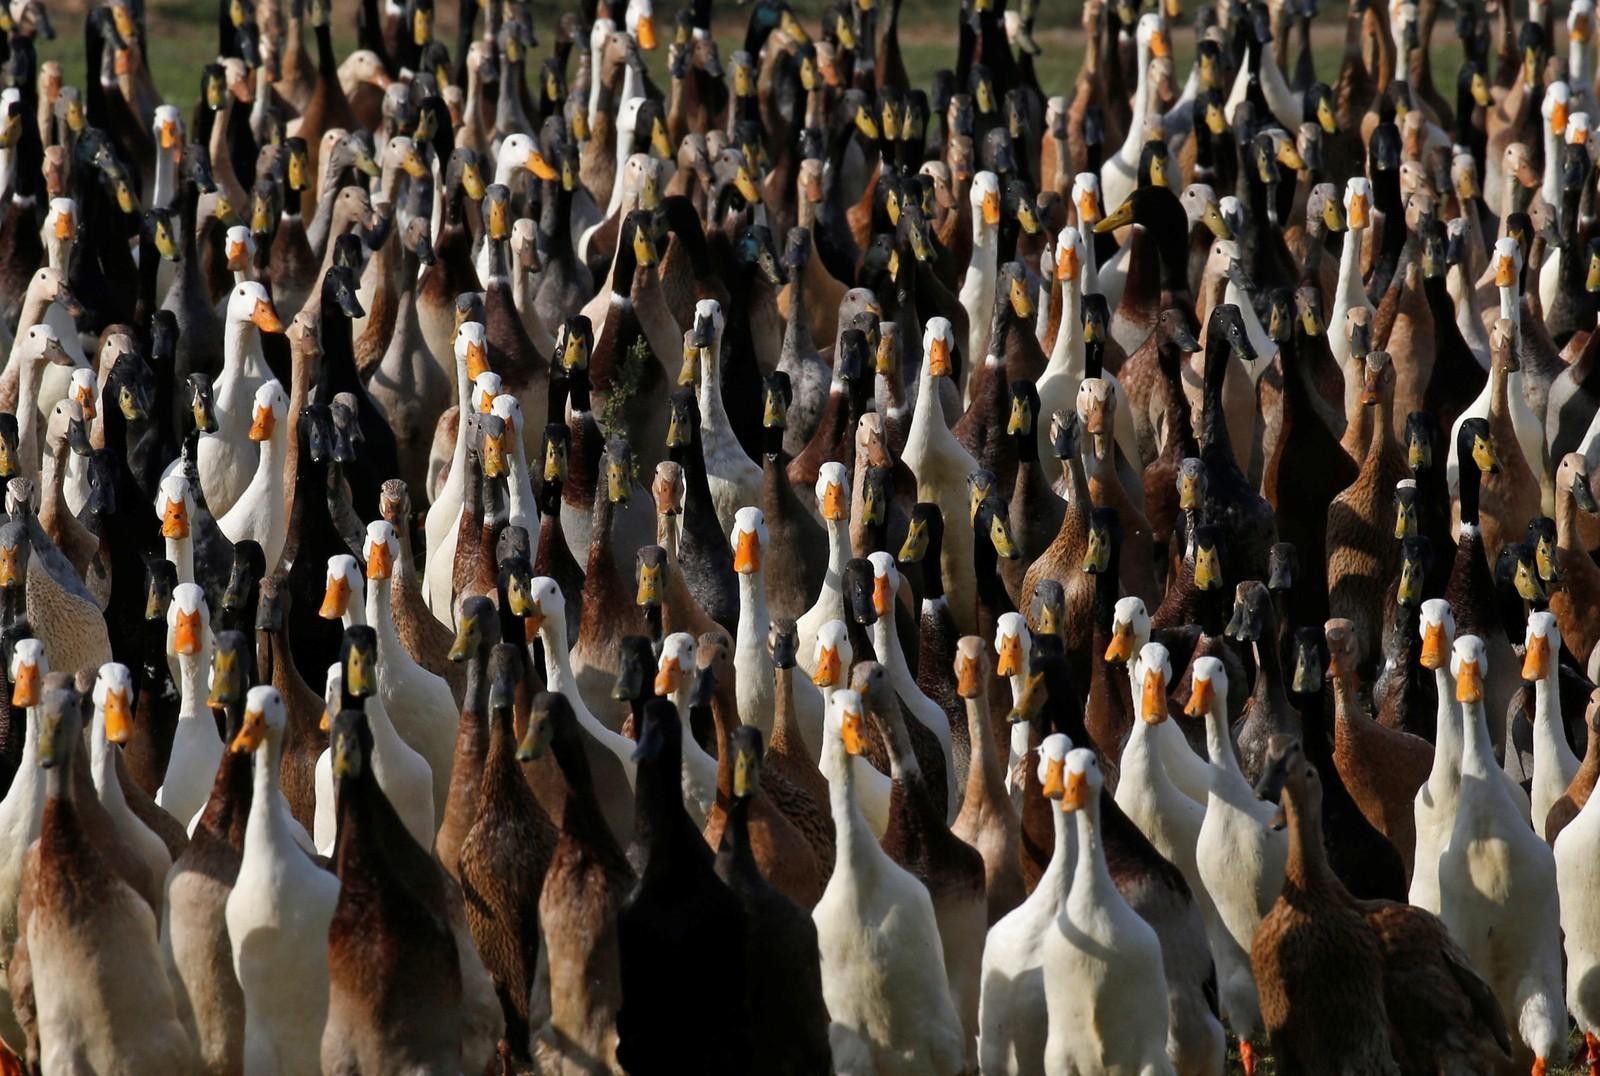 ENDENE MØTES: De såkalte Indian Runner Ducks blir hvert år sendt ut av Sør-Afrikanske vinprodusenter som bruker dem til å beskytte årets avling mot pest. Rundt 1000 ender sendes ut med snegler i blikket.